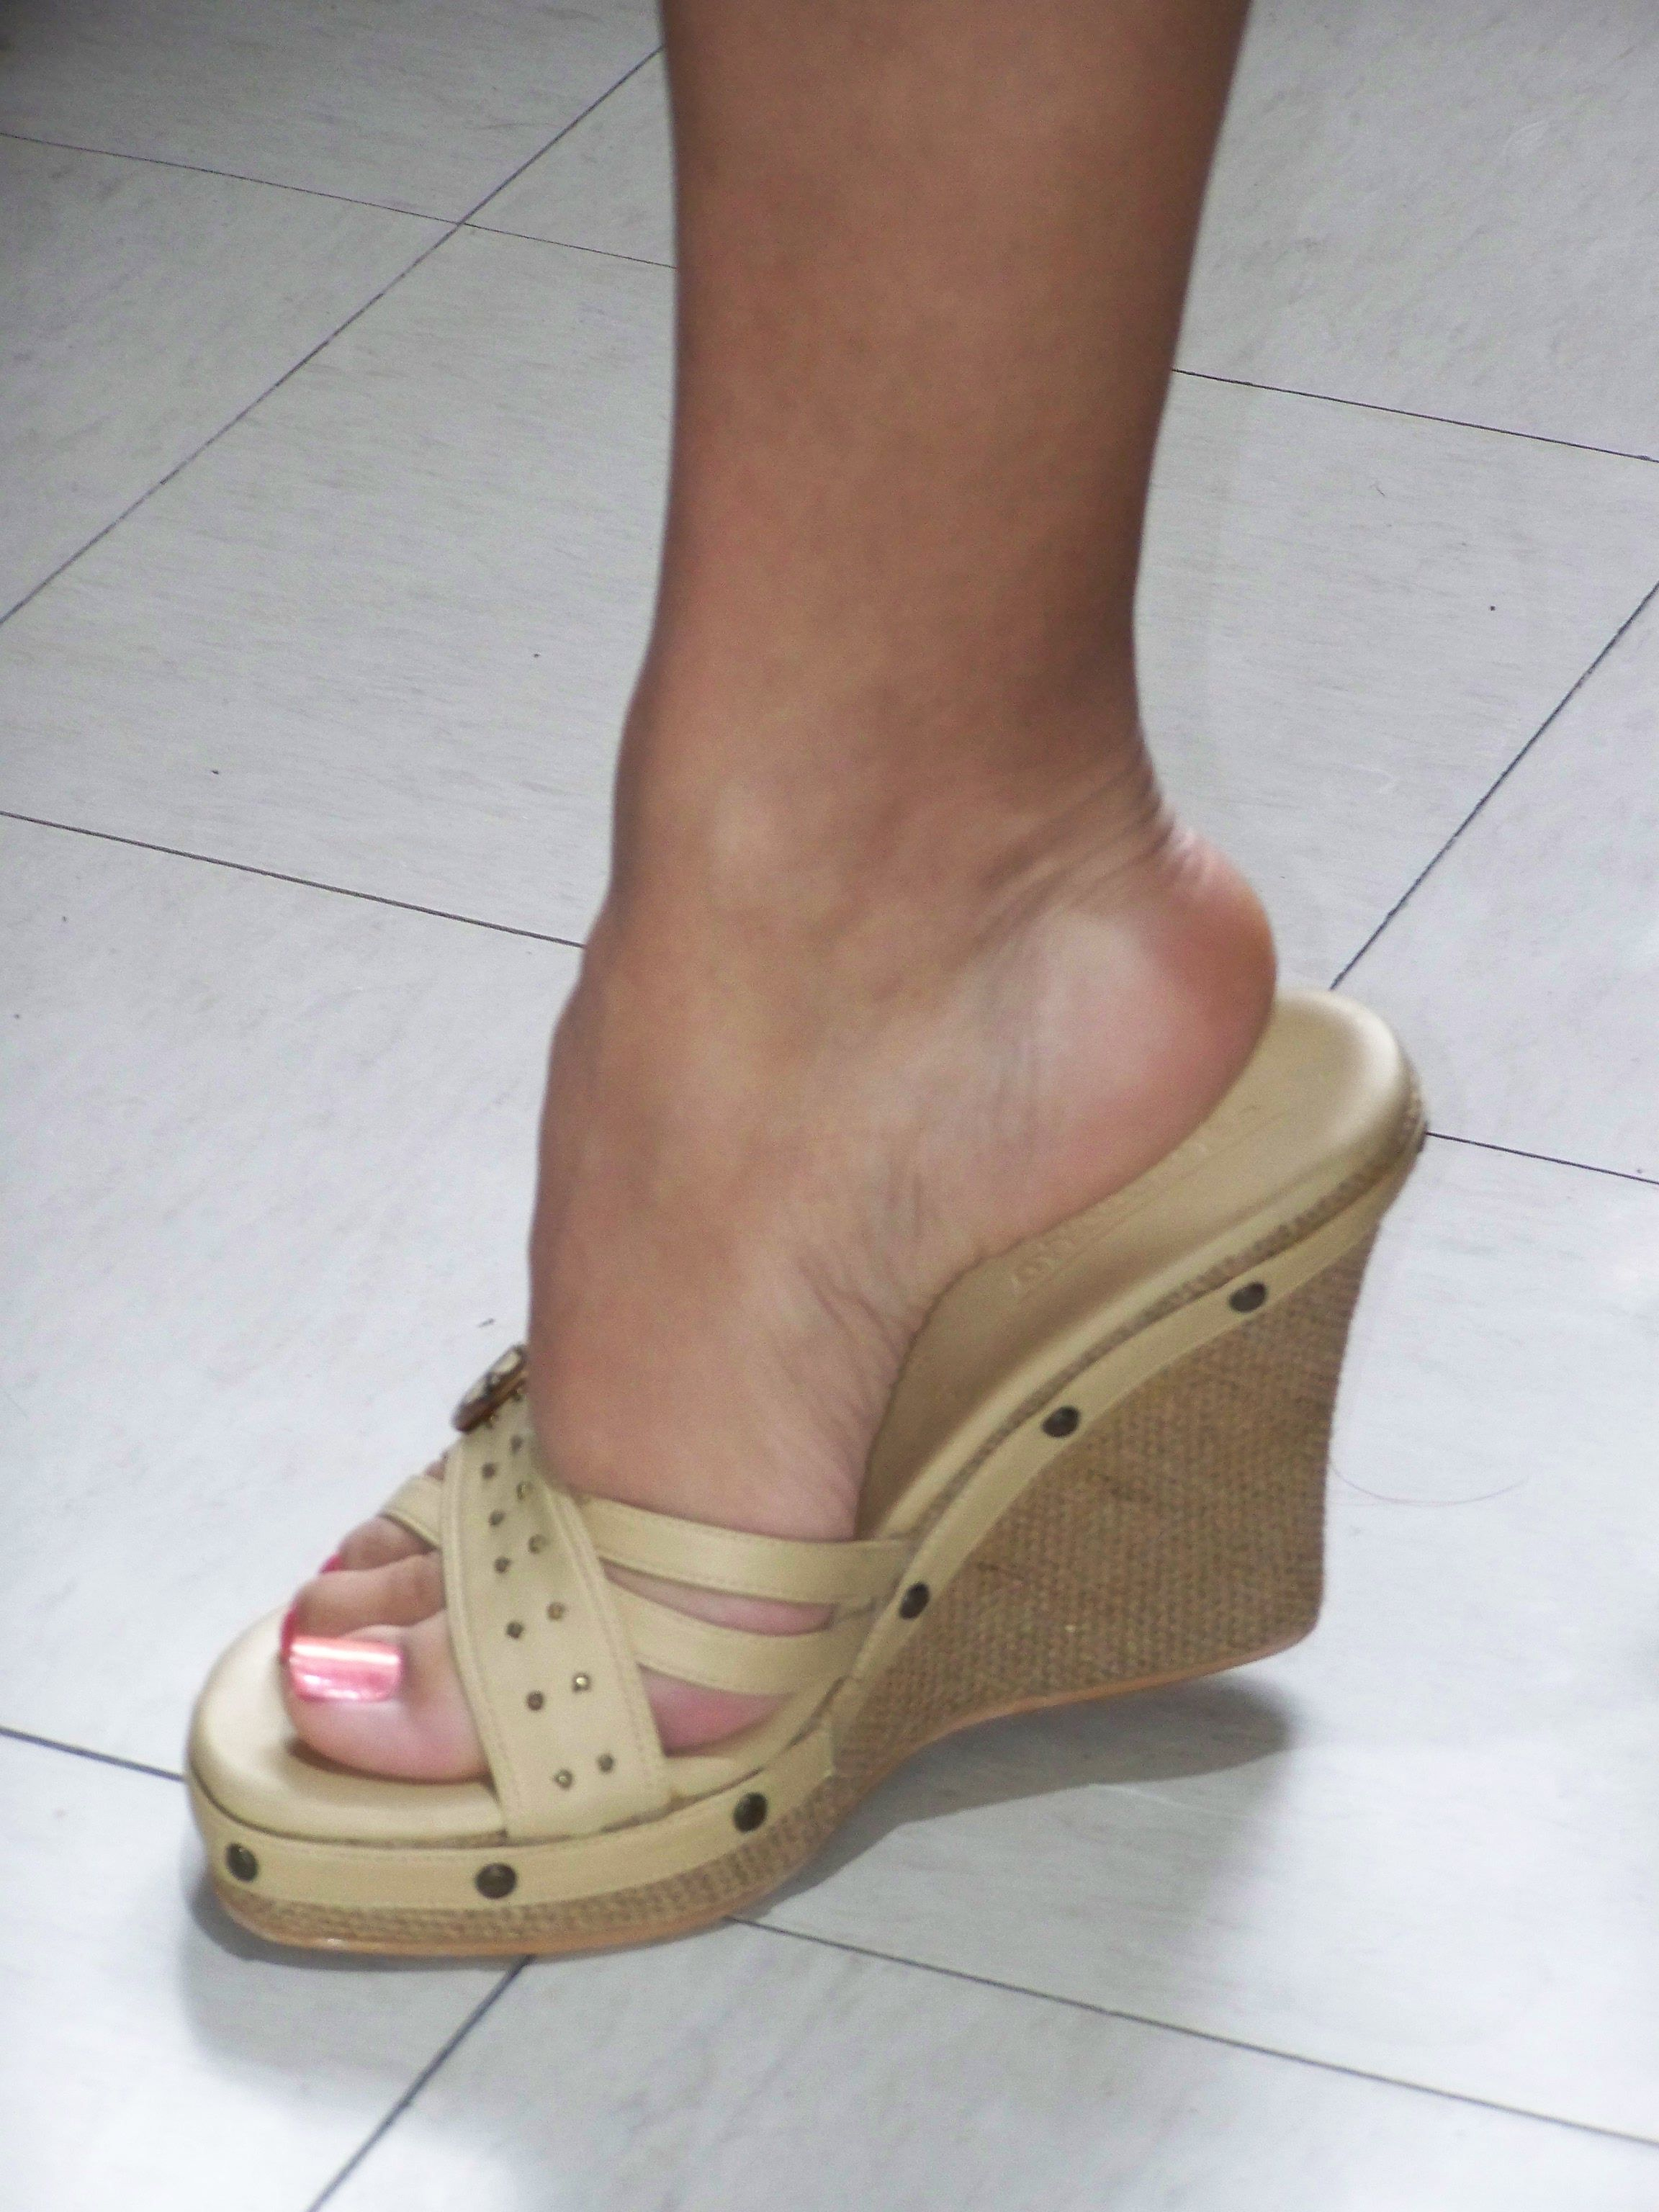 dfef3ba6 Ap Tacones De Plataforma, Sandalias Plataforma, Zapatos De Cuña, Zuecos,  Plataformas,